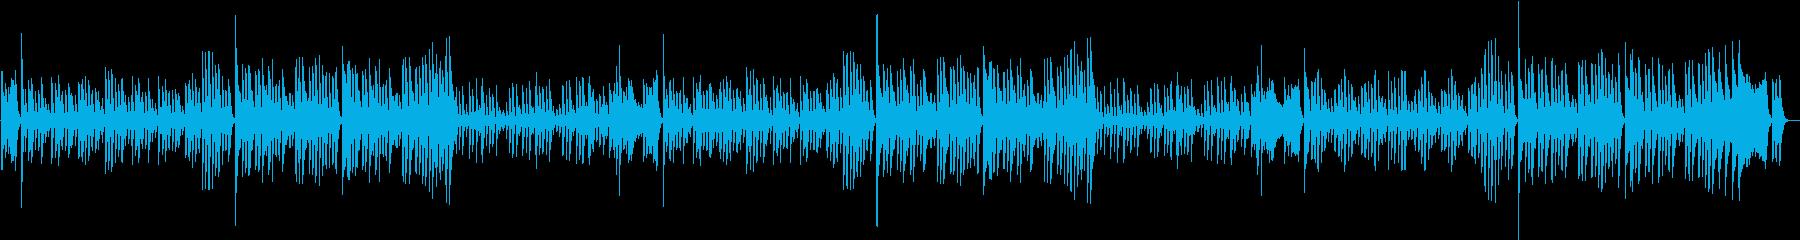 定番!ジングルベルのXmasピアノBGMの再生済みの波形